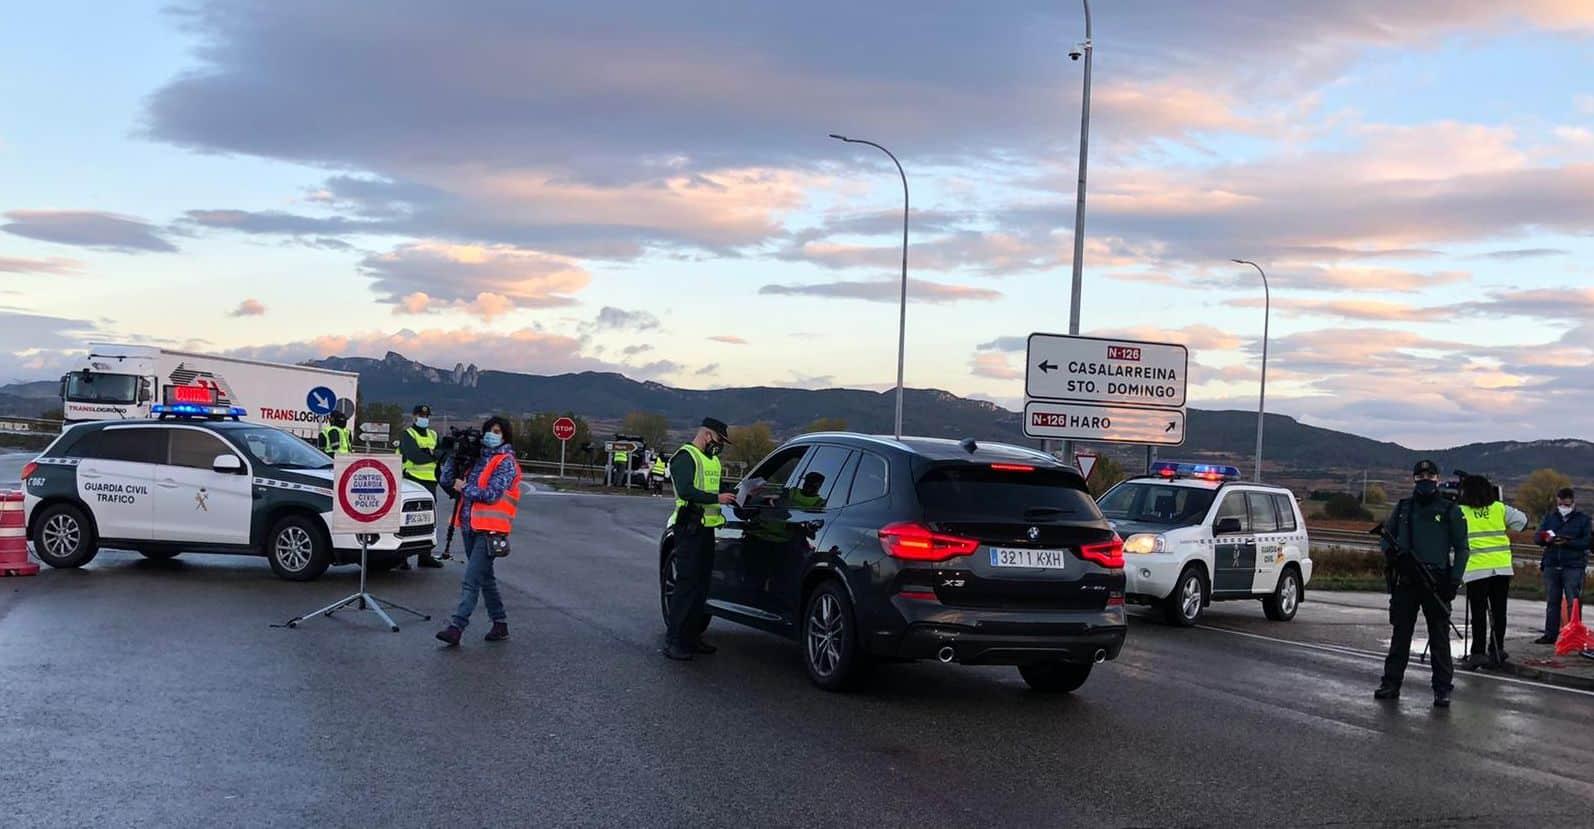 FOTOS: La Rioja vigila que se cumpla el confinamiento perimetral 5